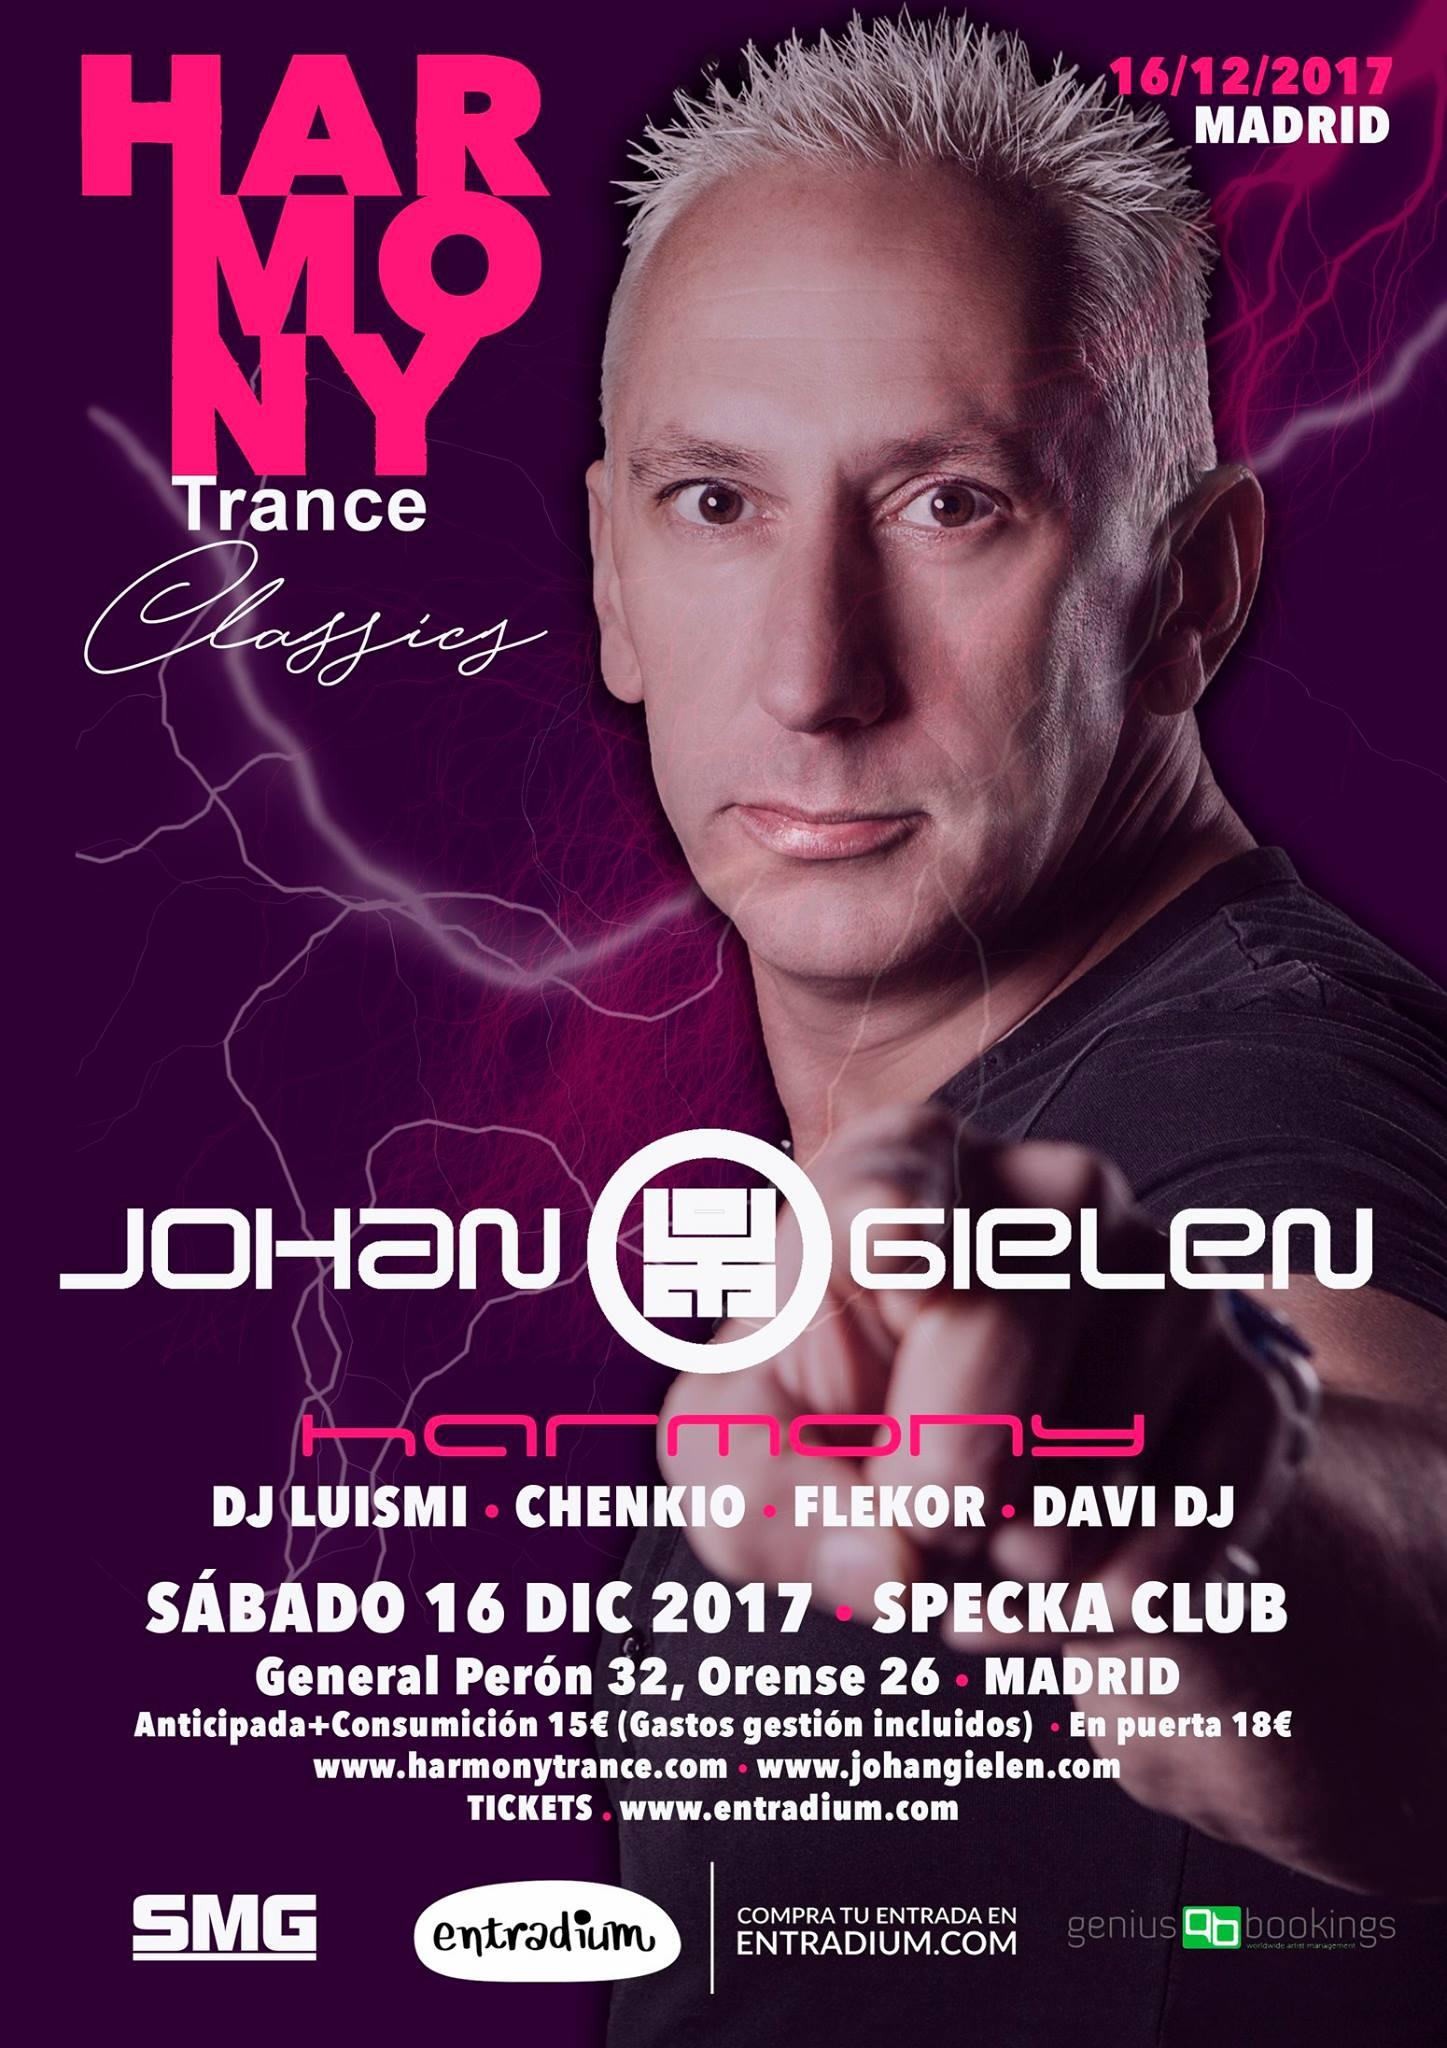 Noche de clásicos del trance con Johan Gielen